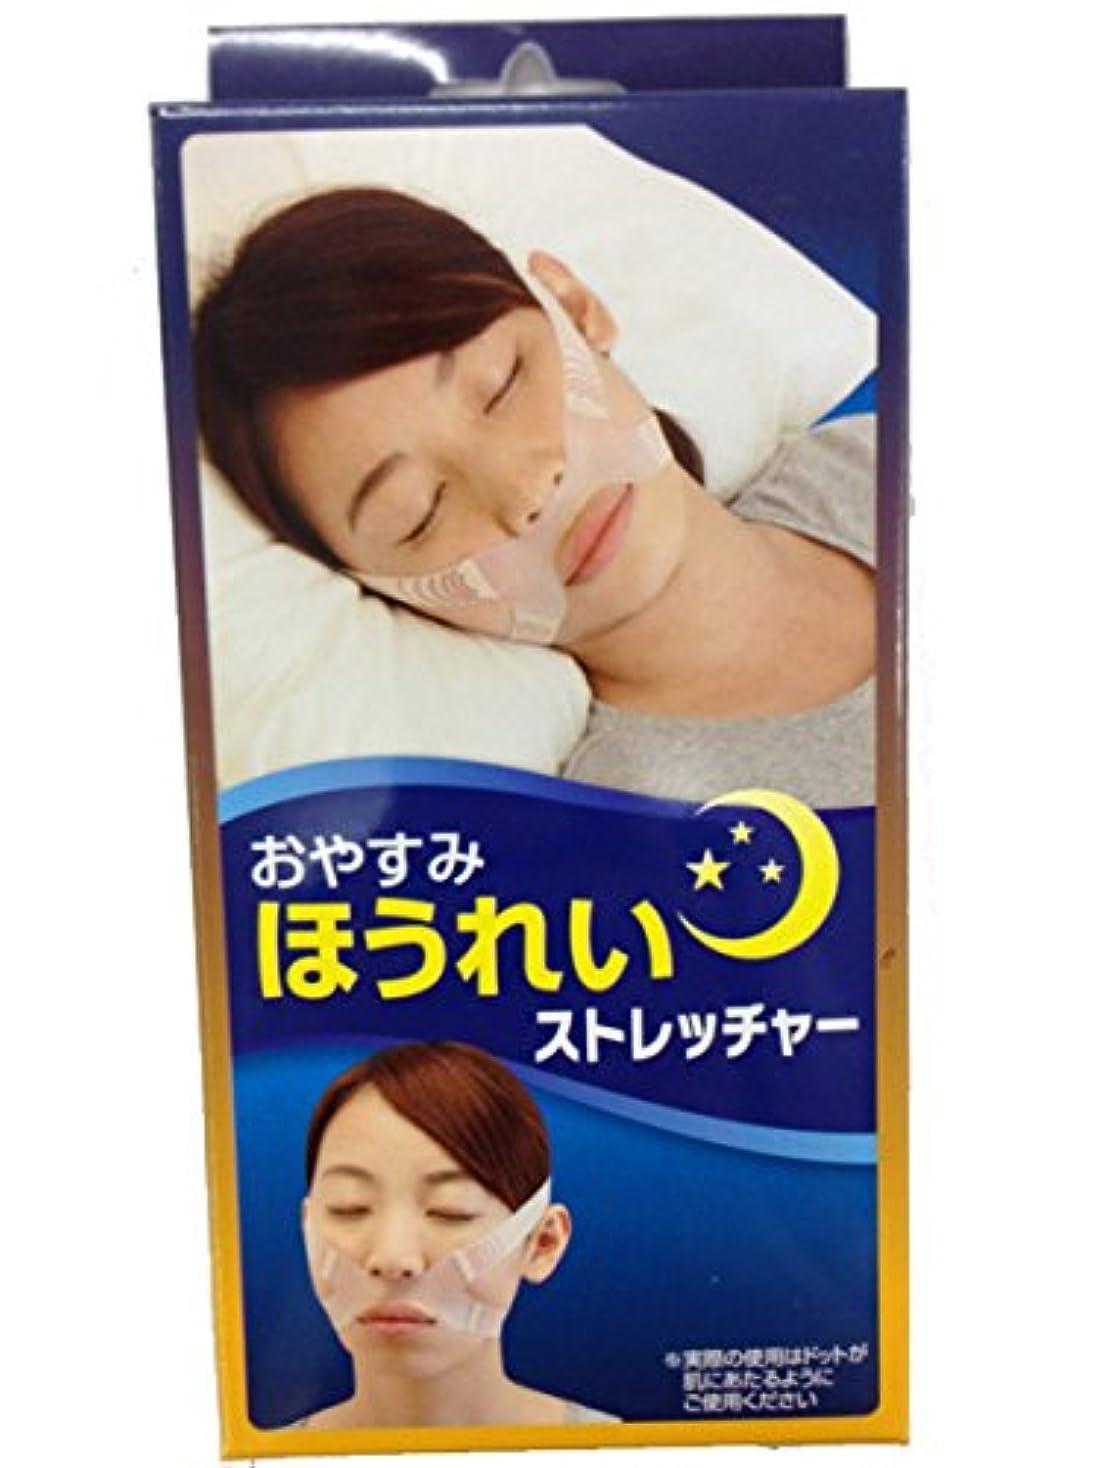 ガイドラインラフトマートおやすみほうれいストレッチャー